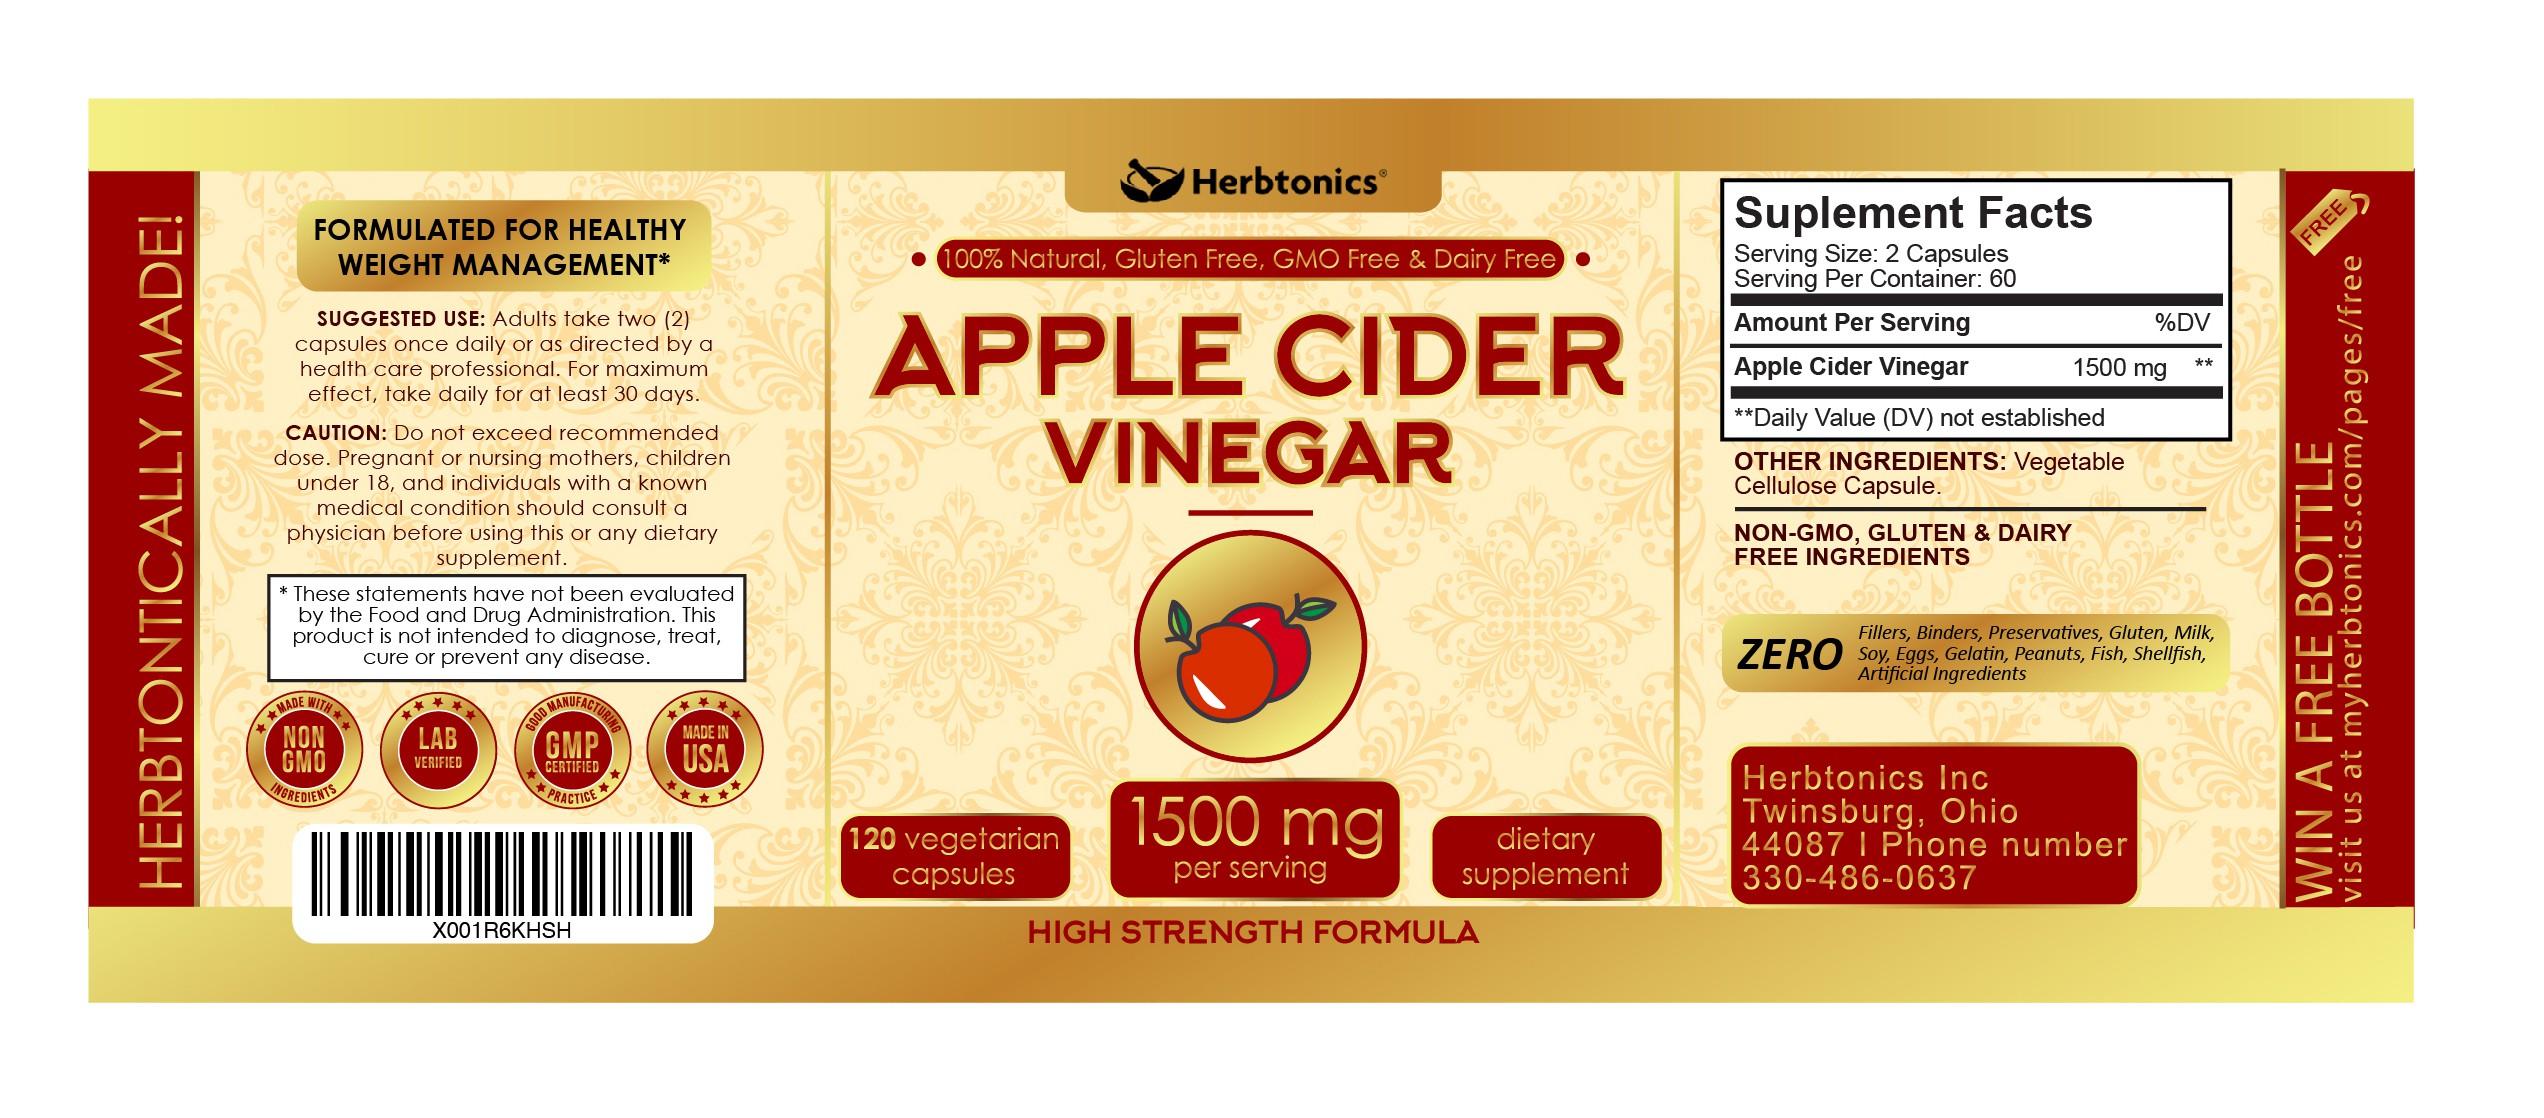 Apple Cider Vinegar 1500mg